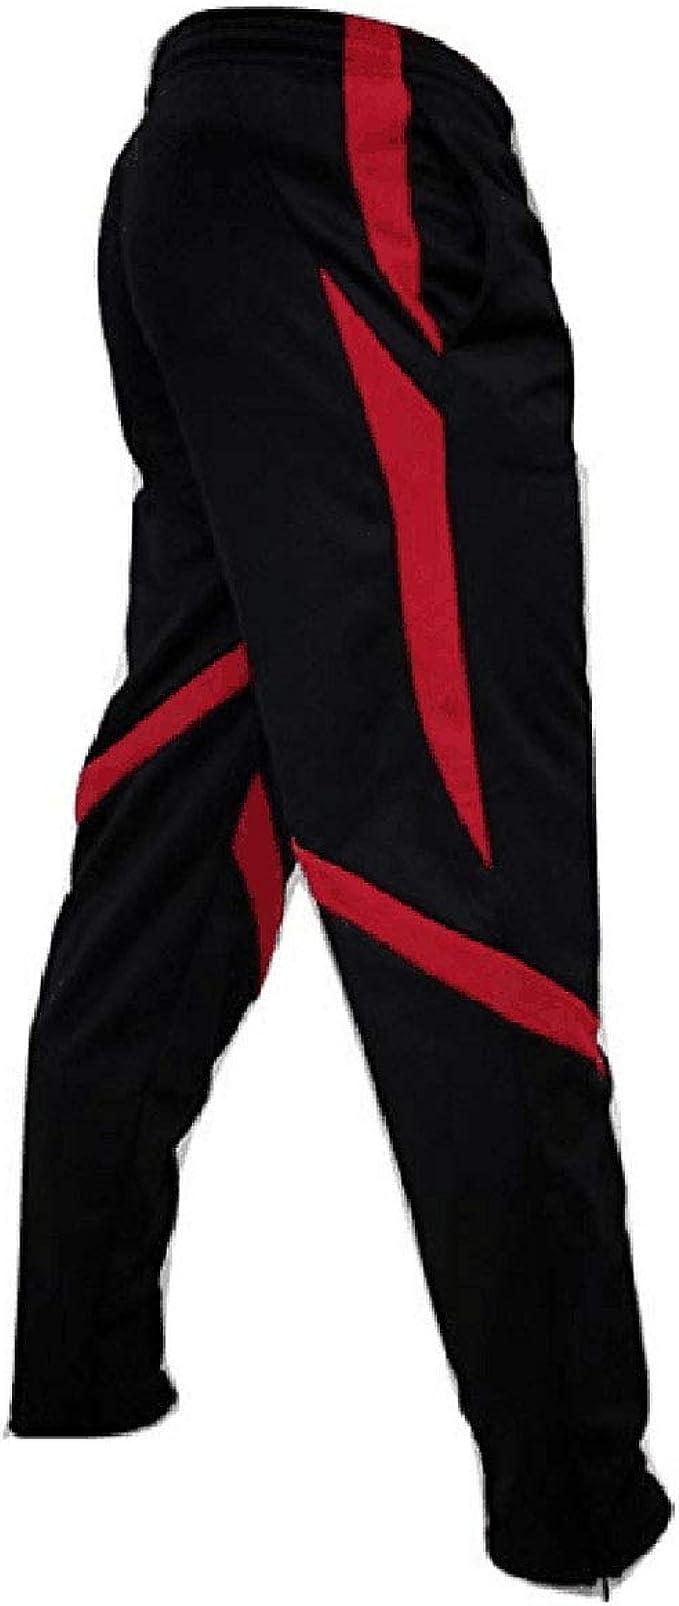 Mens Gym Bodybuilding Tracksuit Pants Skinny Slim Tapered Harem Workout Gear